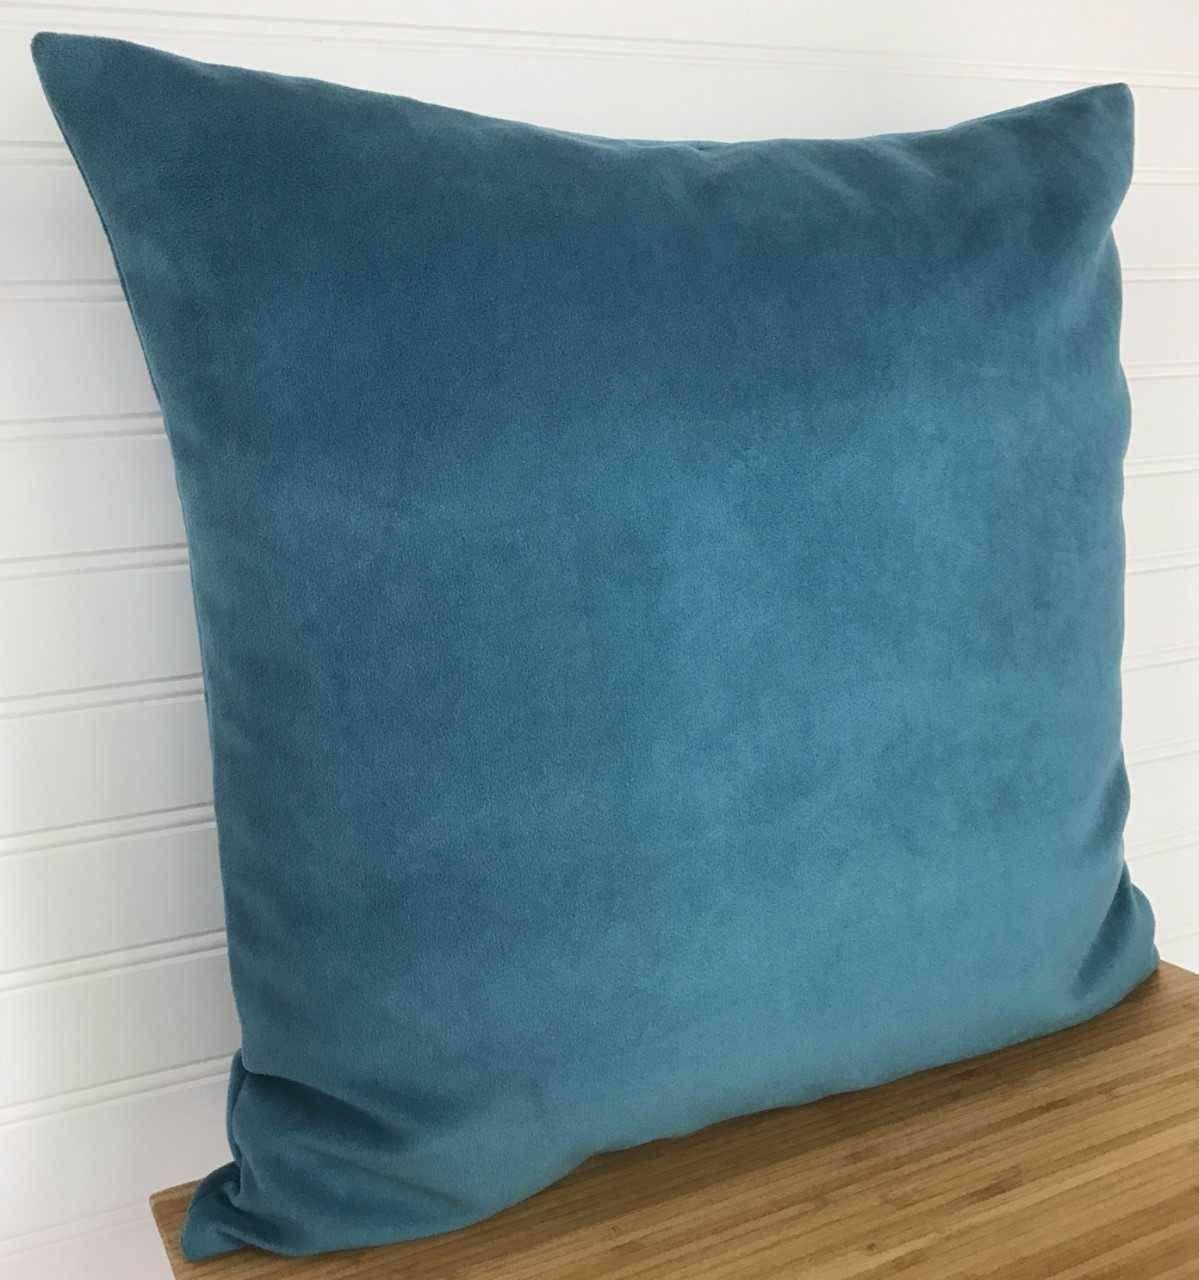 Blue Velvet Pillow Cover, Teal Velvet Pillow Cover, Blue Velveteen ...